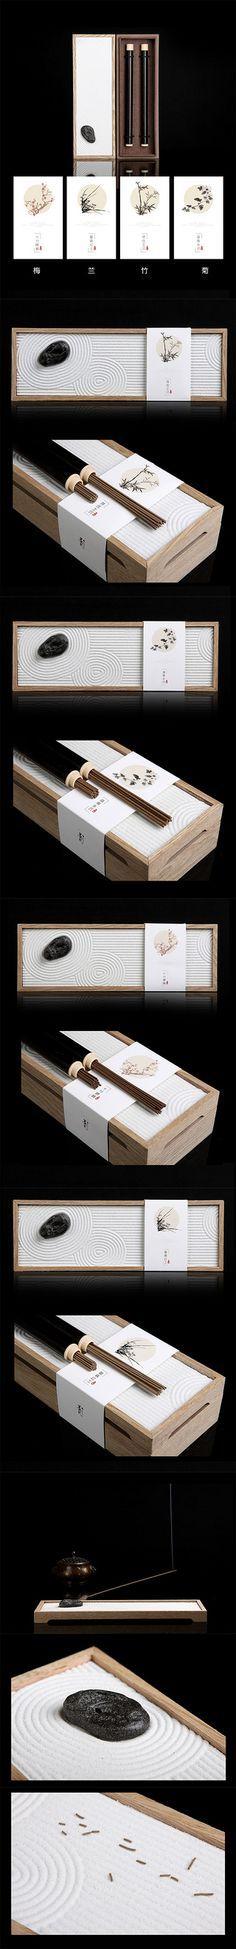 170106-삼성제약-패키지디자인-백신진